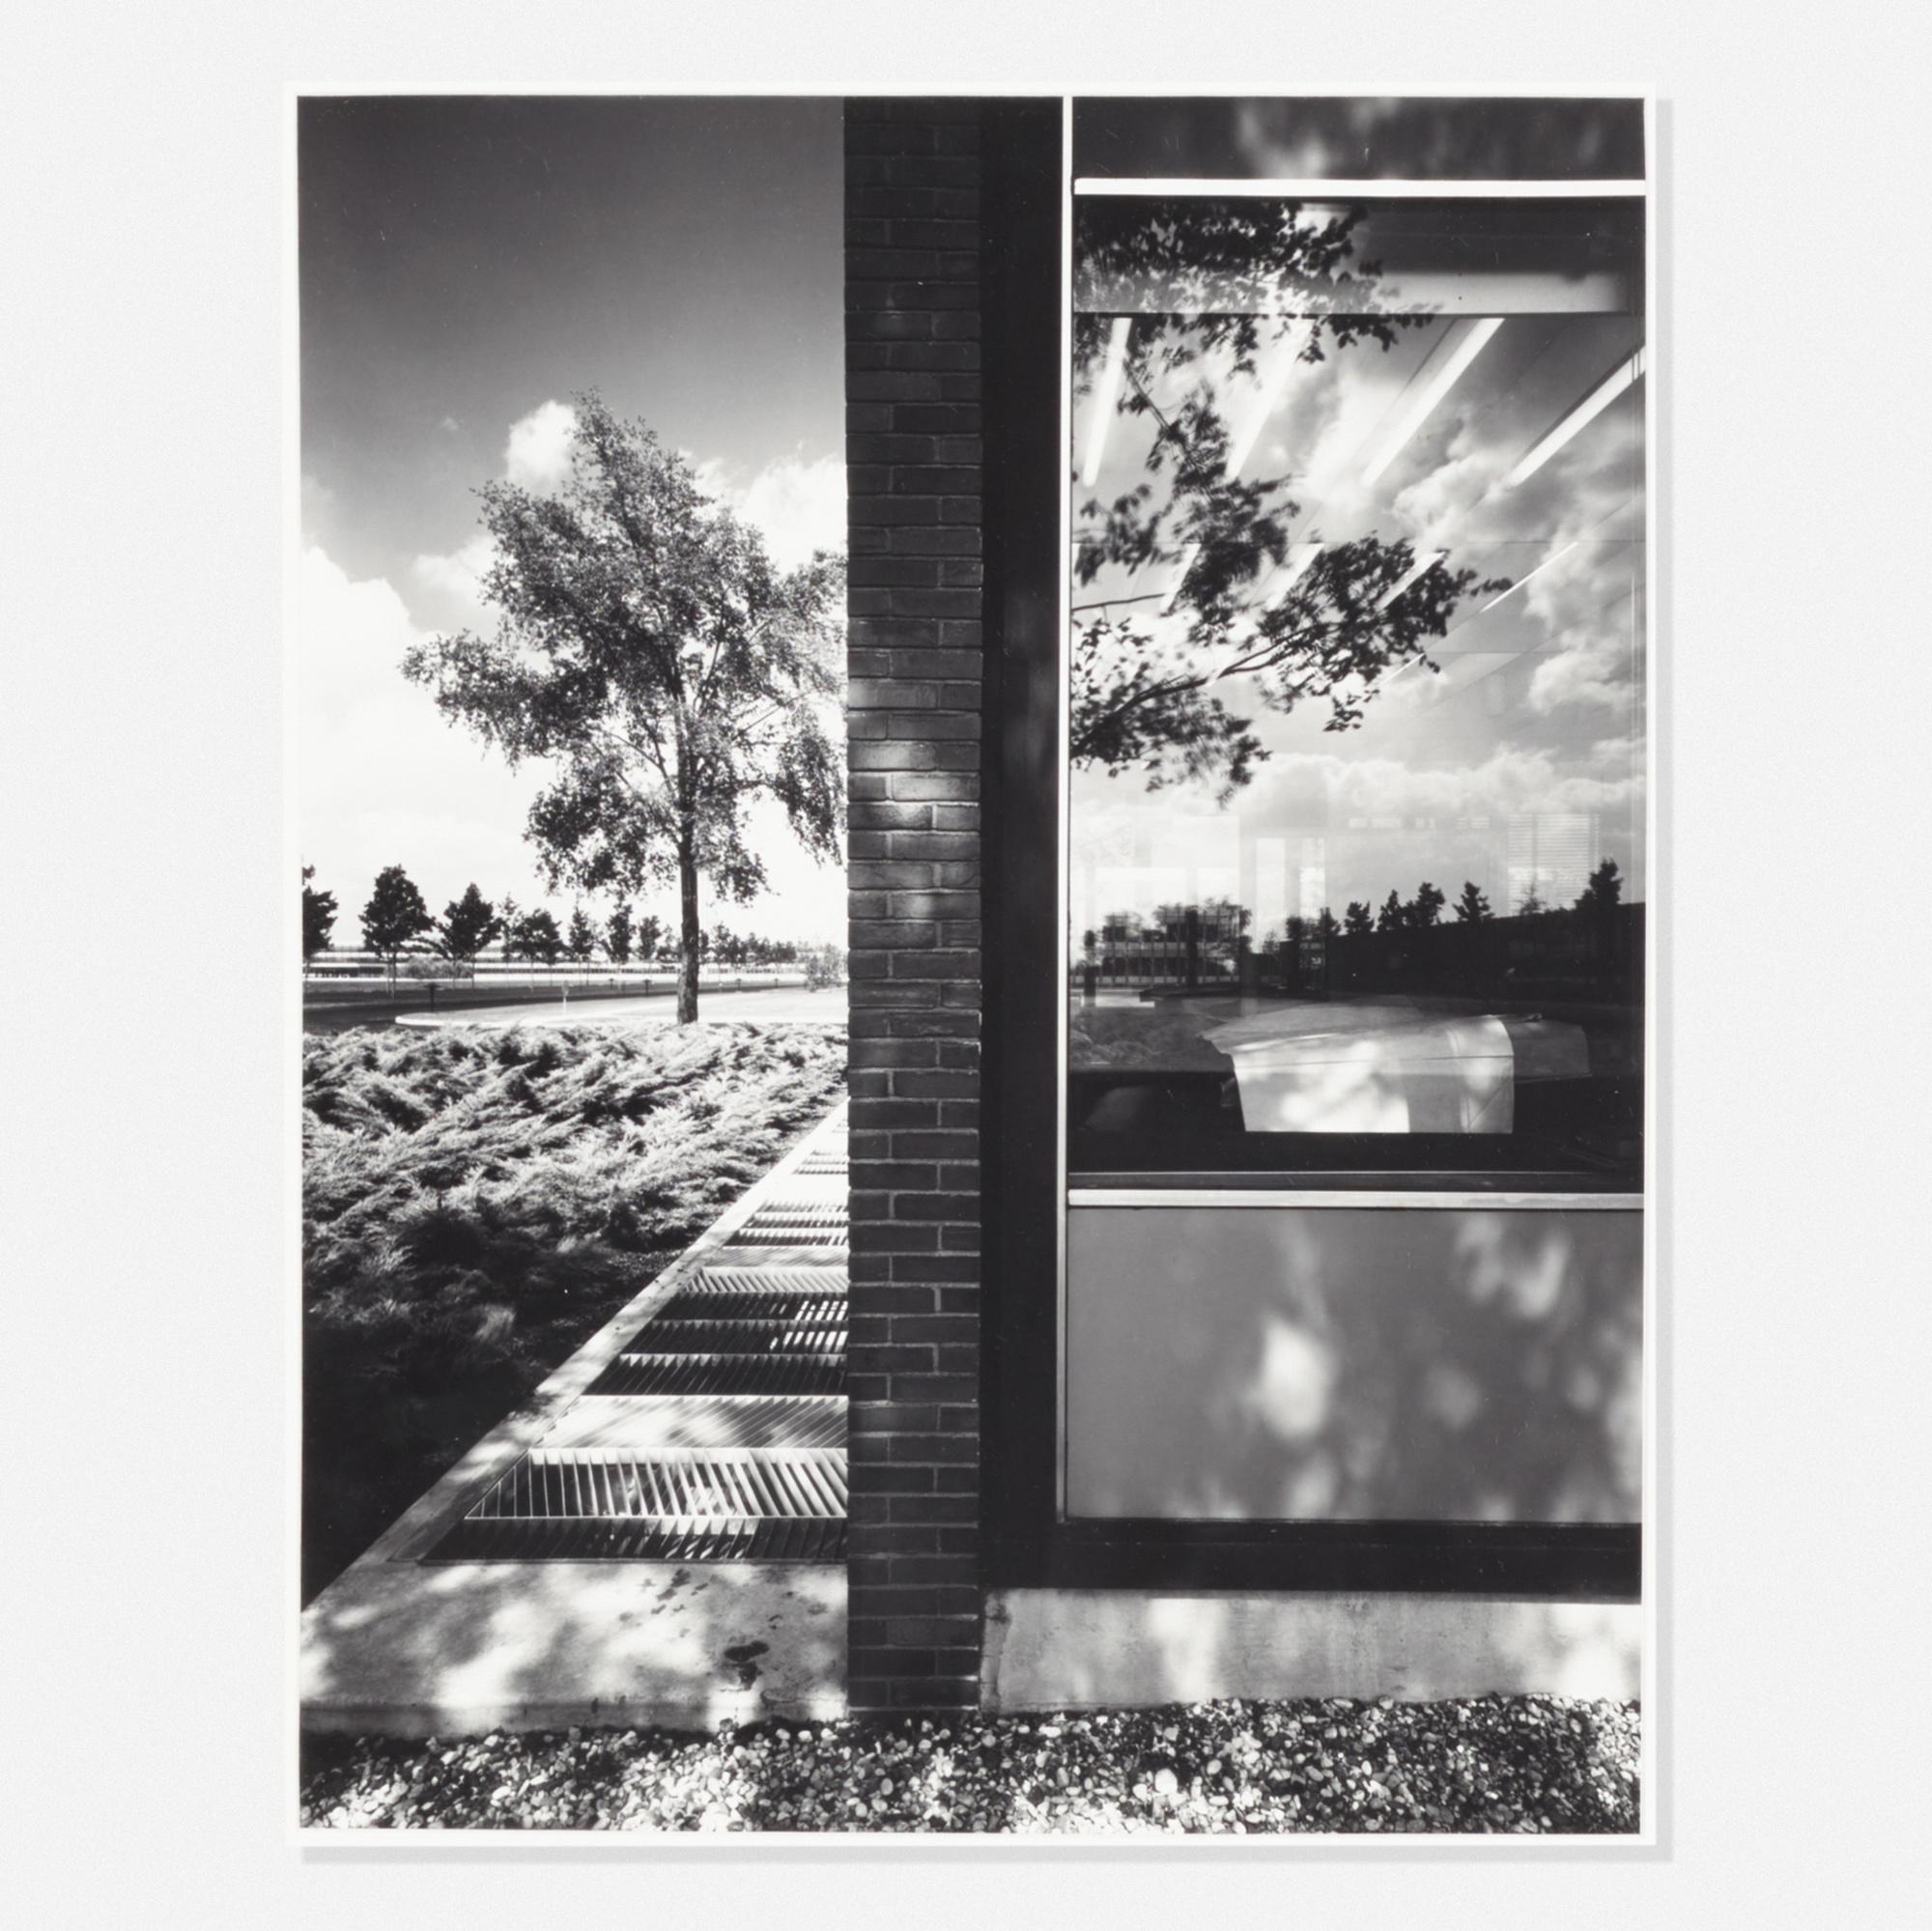 393: Ezra Stoller / Eero Saarinen: General Motors Technology Center (1 of 1)